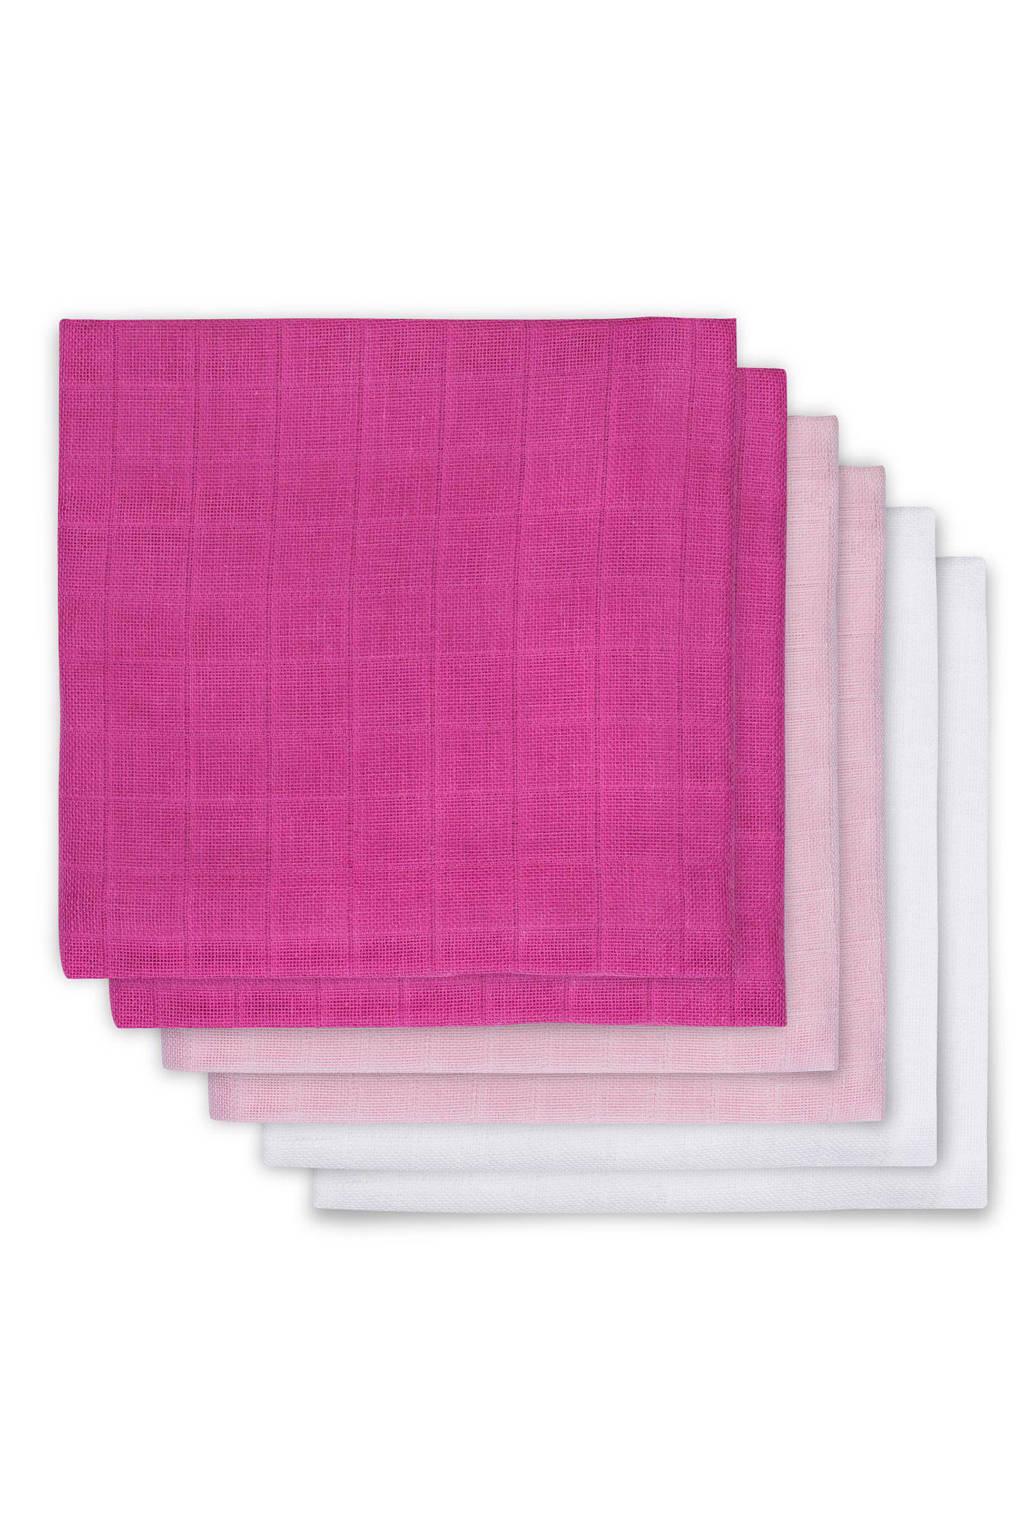 Jollein hydrofiel luiers 70x70 cm roze/wit (6 stuks), Roze/wit